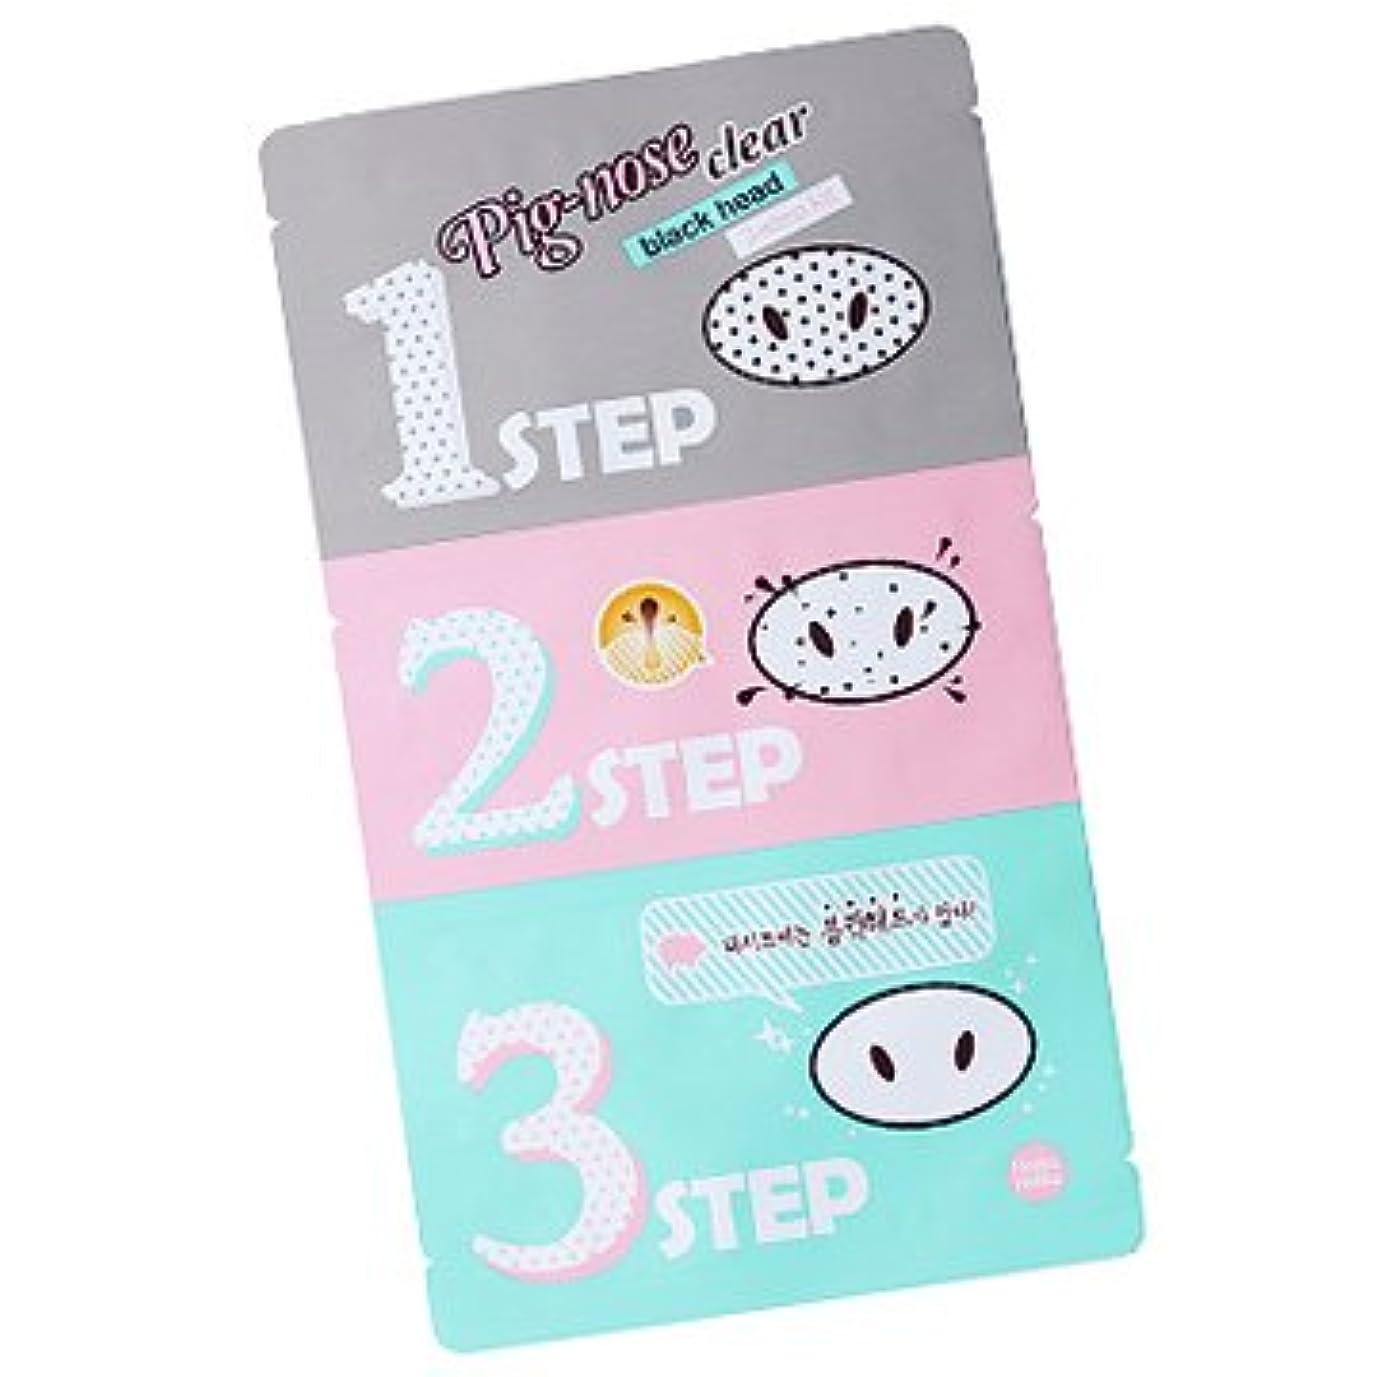 懐疑的充電テセウスHolika Holika Pig Nose Clear Black Head 3-Step Kit 3EA (Nose Pack) ホリカホリカ ピグノーズクリアブラックヘッド3-Stepキット(鼻パック) 3pcs...